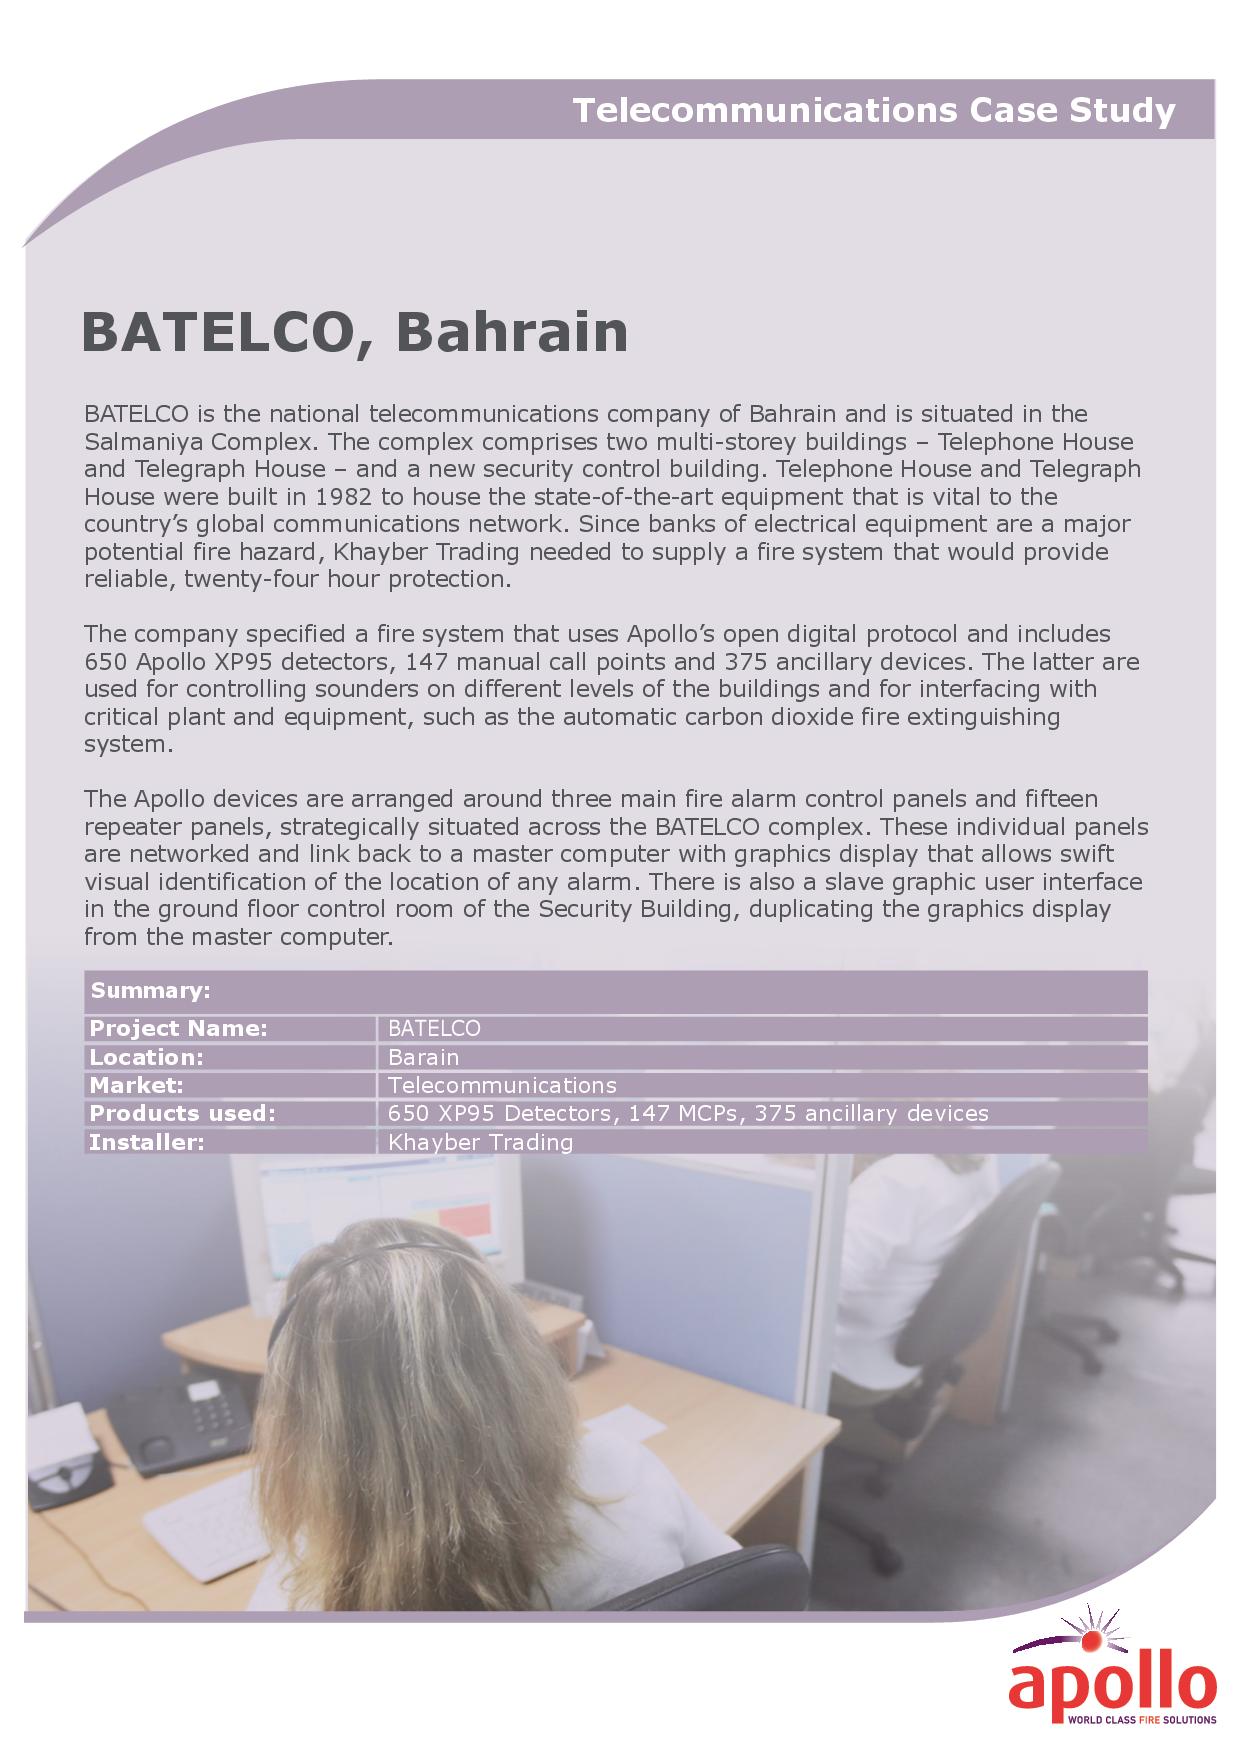 BATELCO, Bahrain